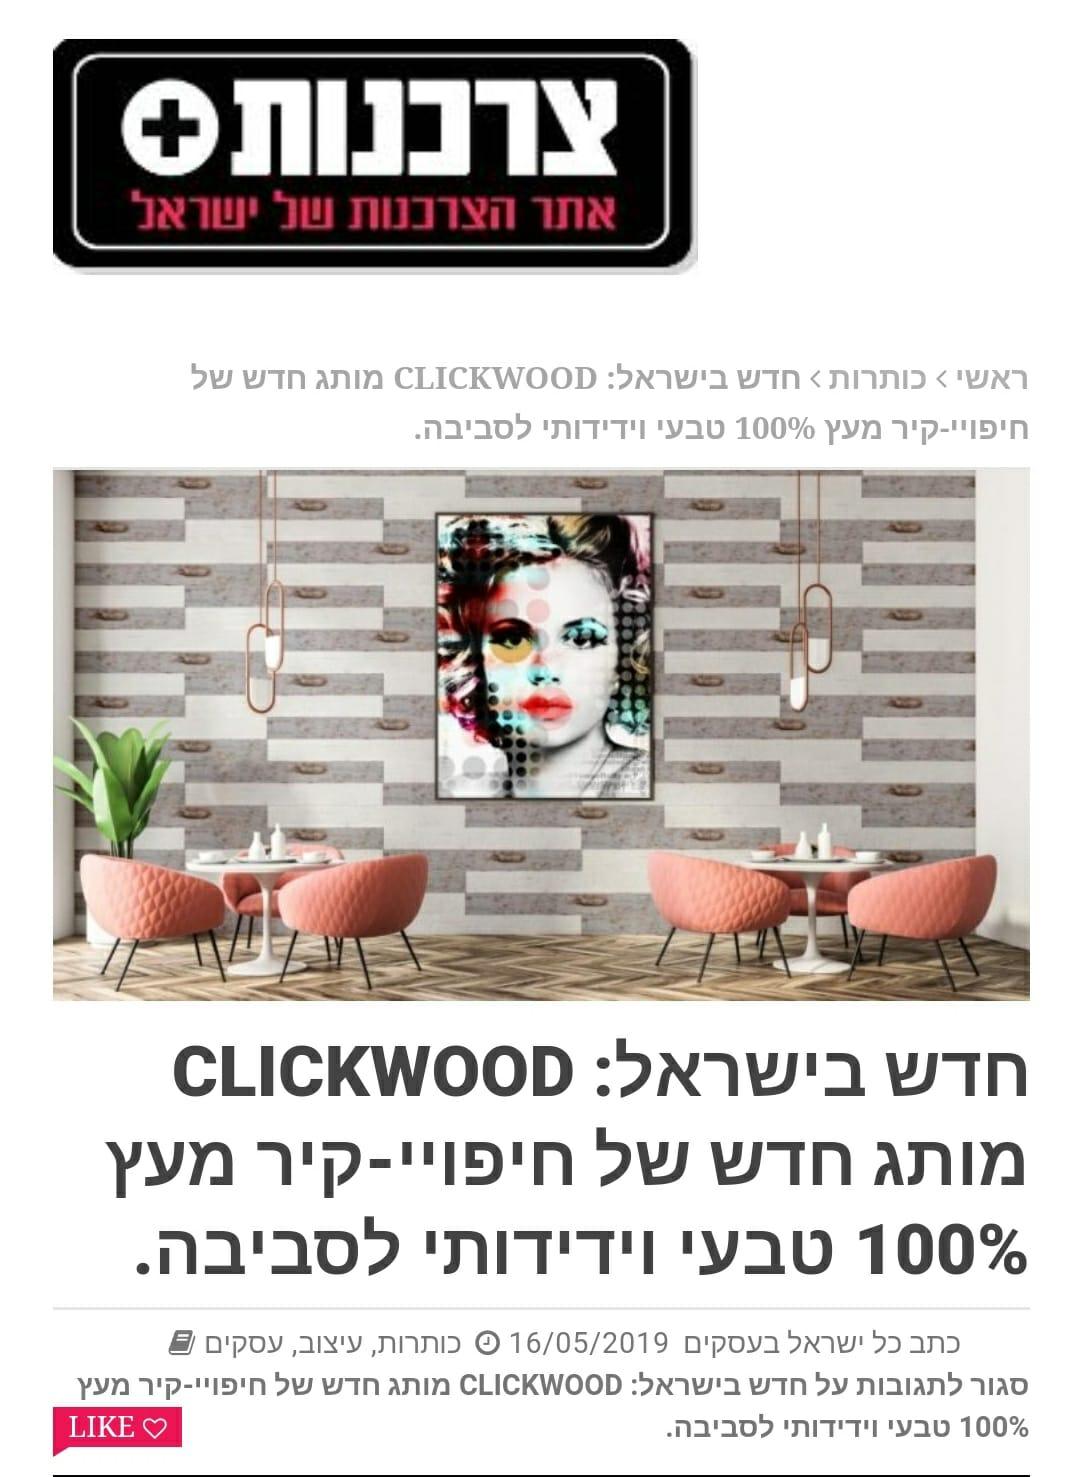 אתר הצרכנות בישראל - חדש בישראל: clickwood מוצג חדש של חיפויי-קיר מעץ 100% טבעי וידידותי לסביבה